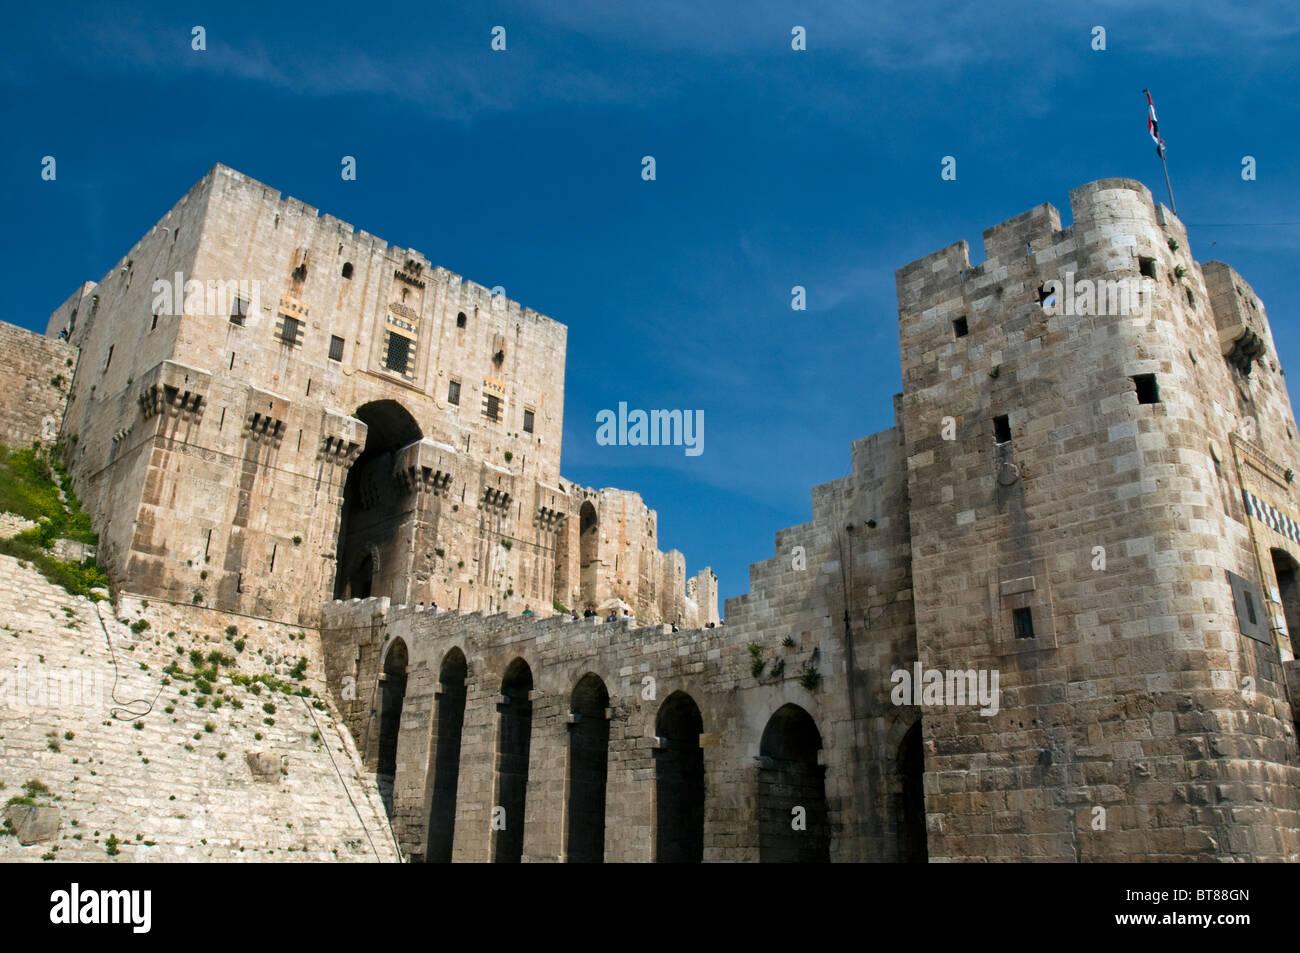 Aleppo Castle Syria - Stock Image